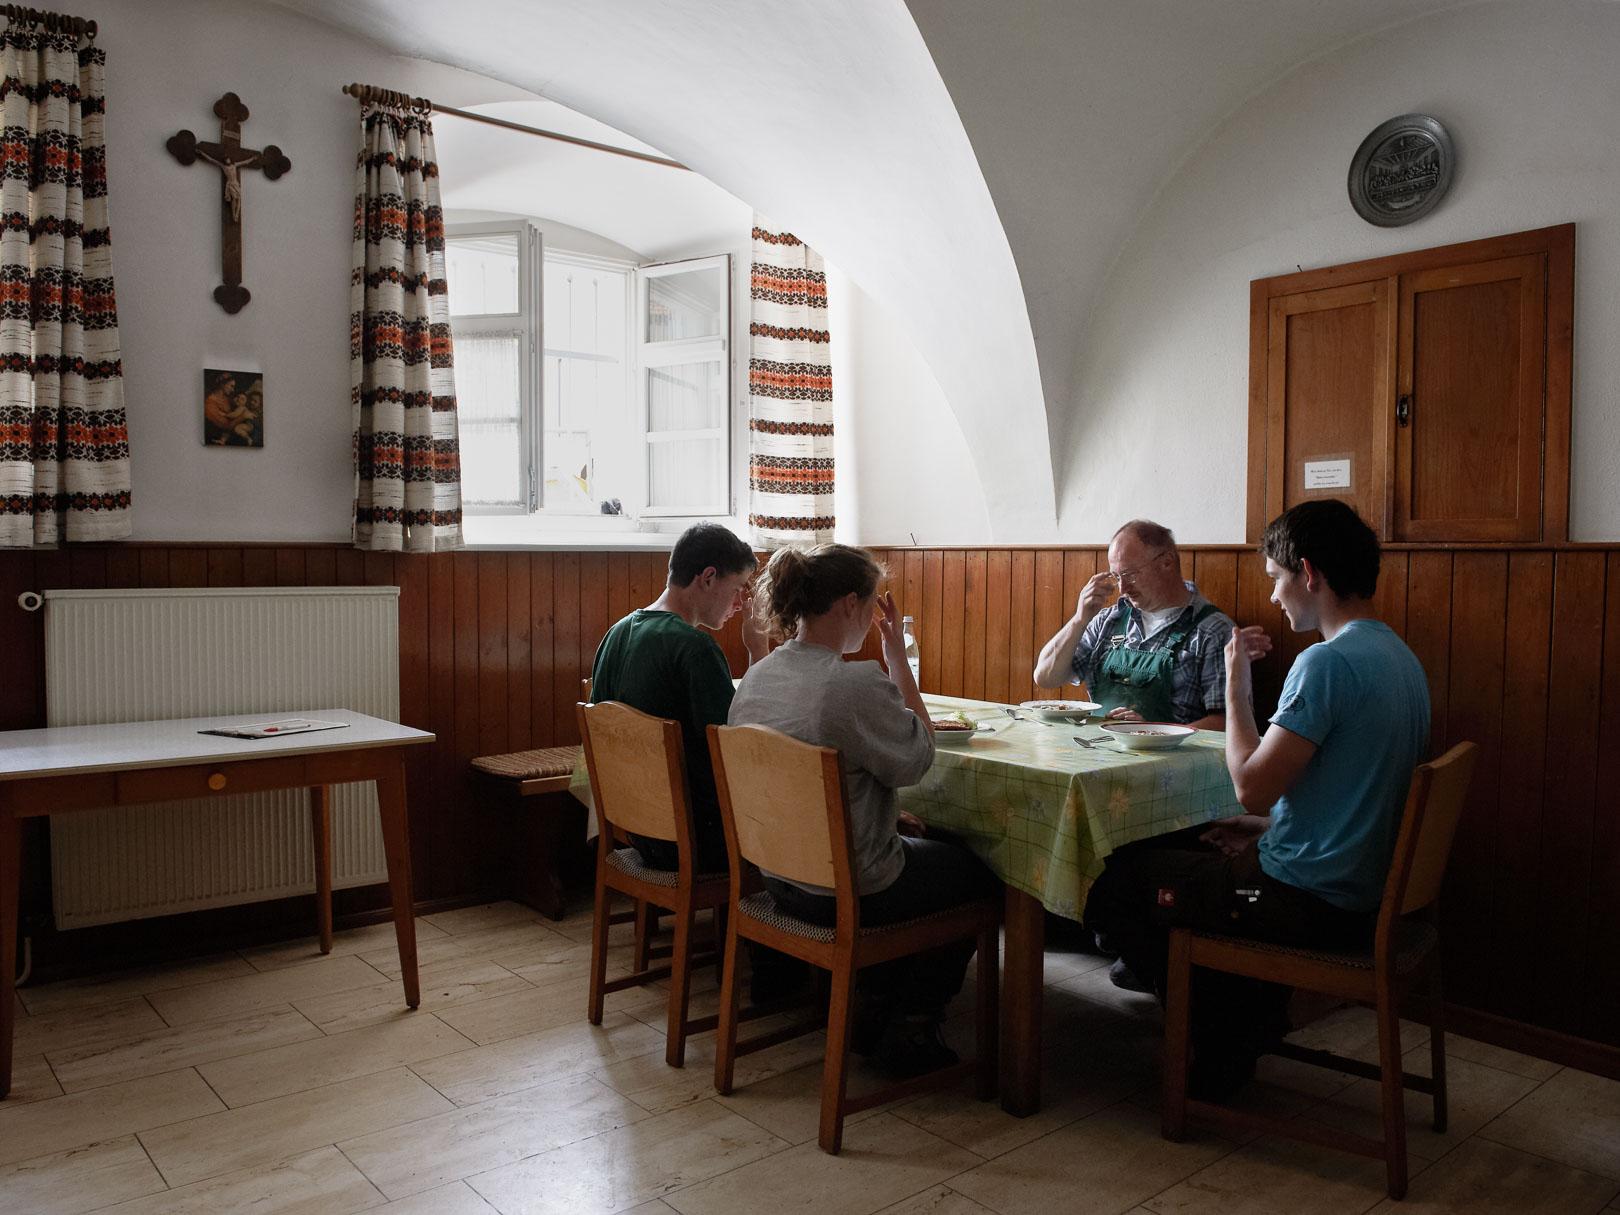 Frater Richard Schmidt betet zu Mittag mit seinen Gehilfen in der Bauernstube vom Kloster Plankstetten.